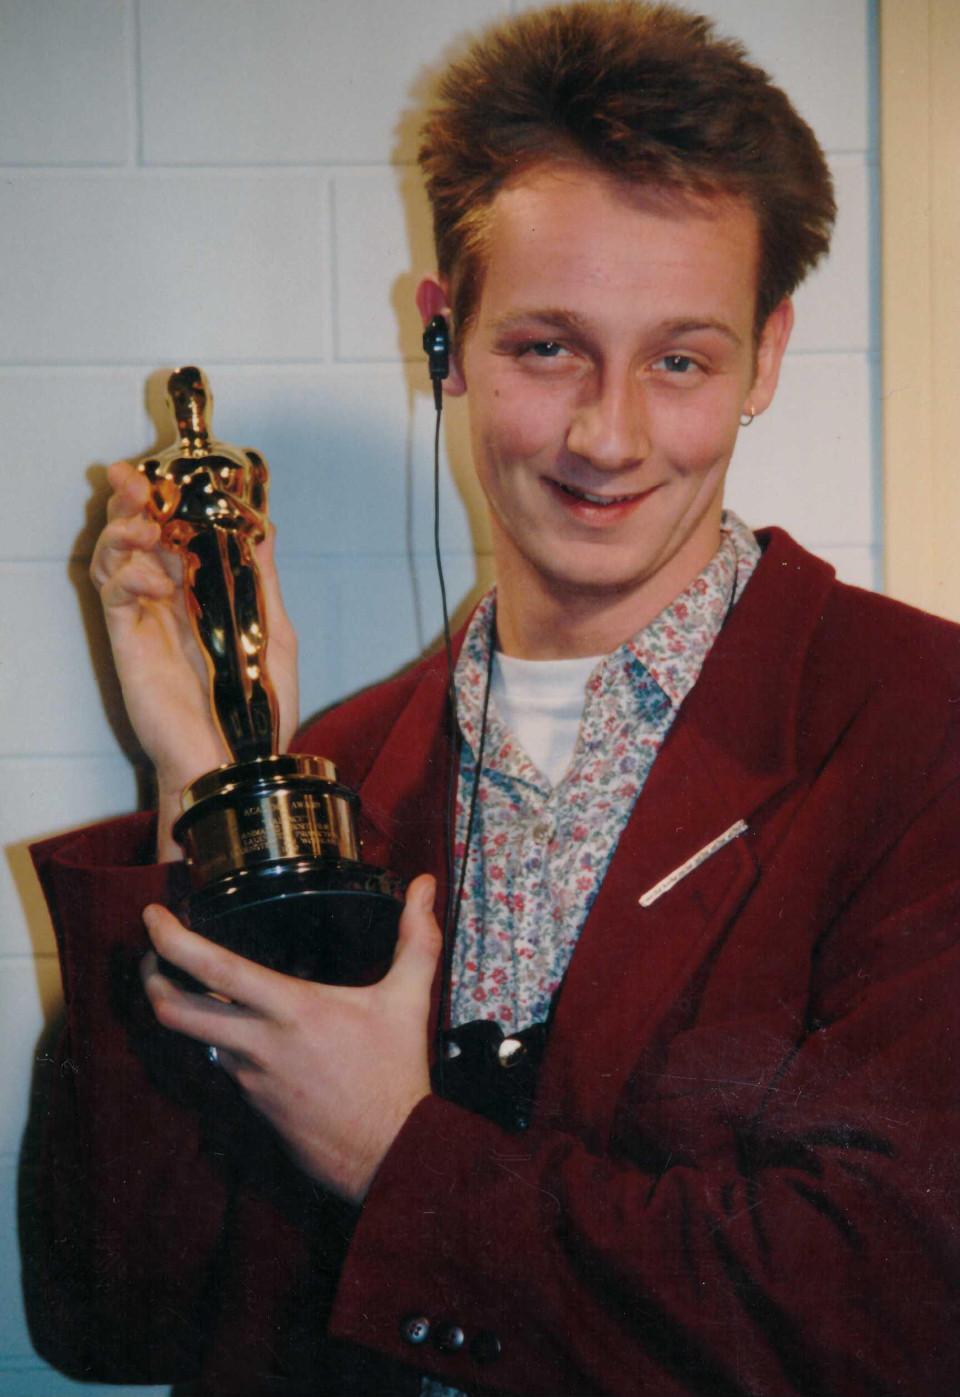 Oliver Gäbel im ersten Ausbildungsjahr zum TV-Redakteur beim Sat.1-Frühstücksfernsehen (1991)